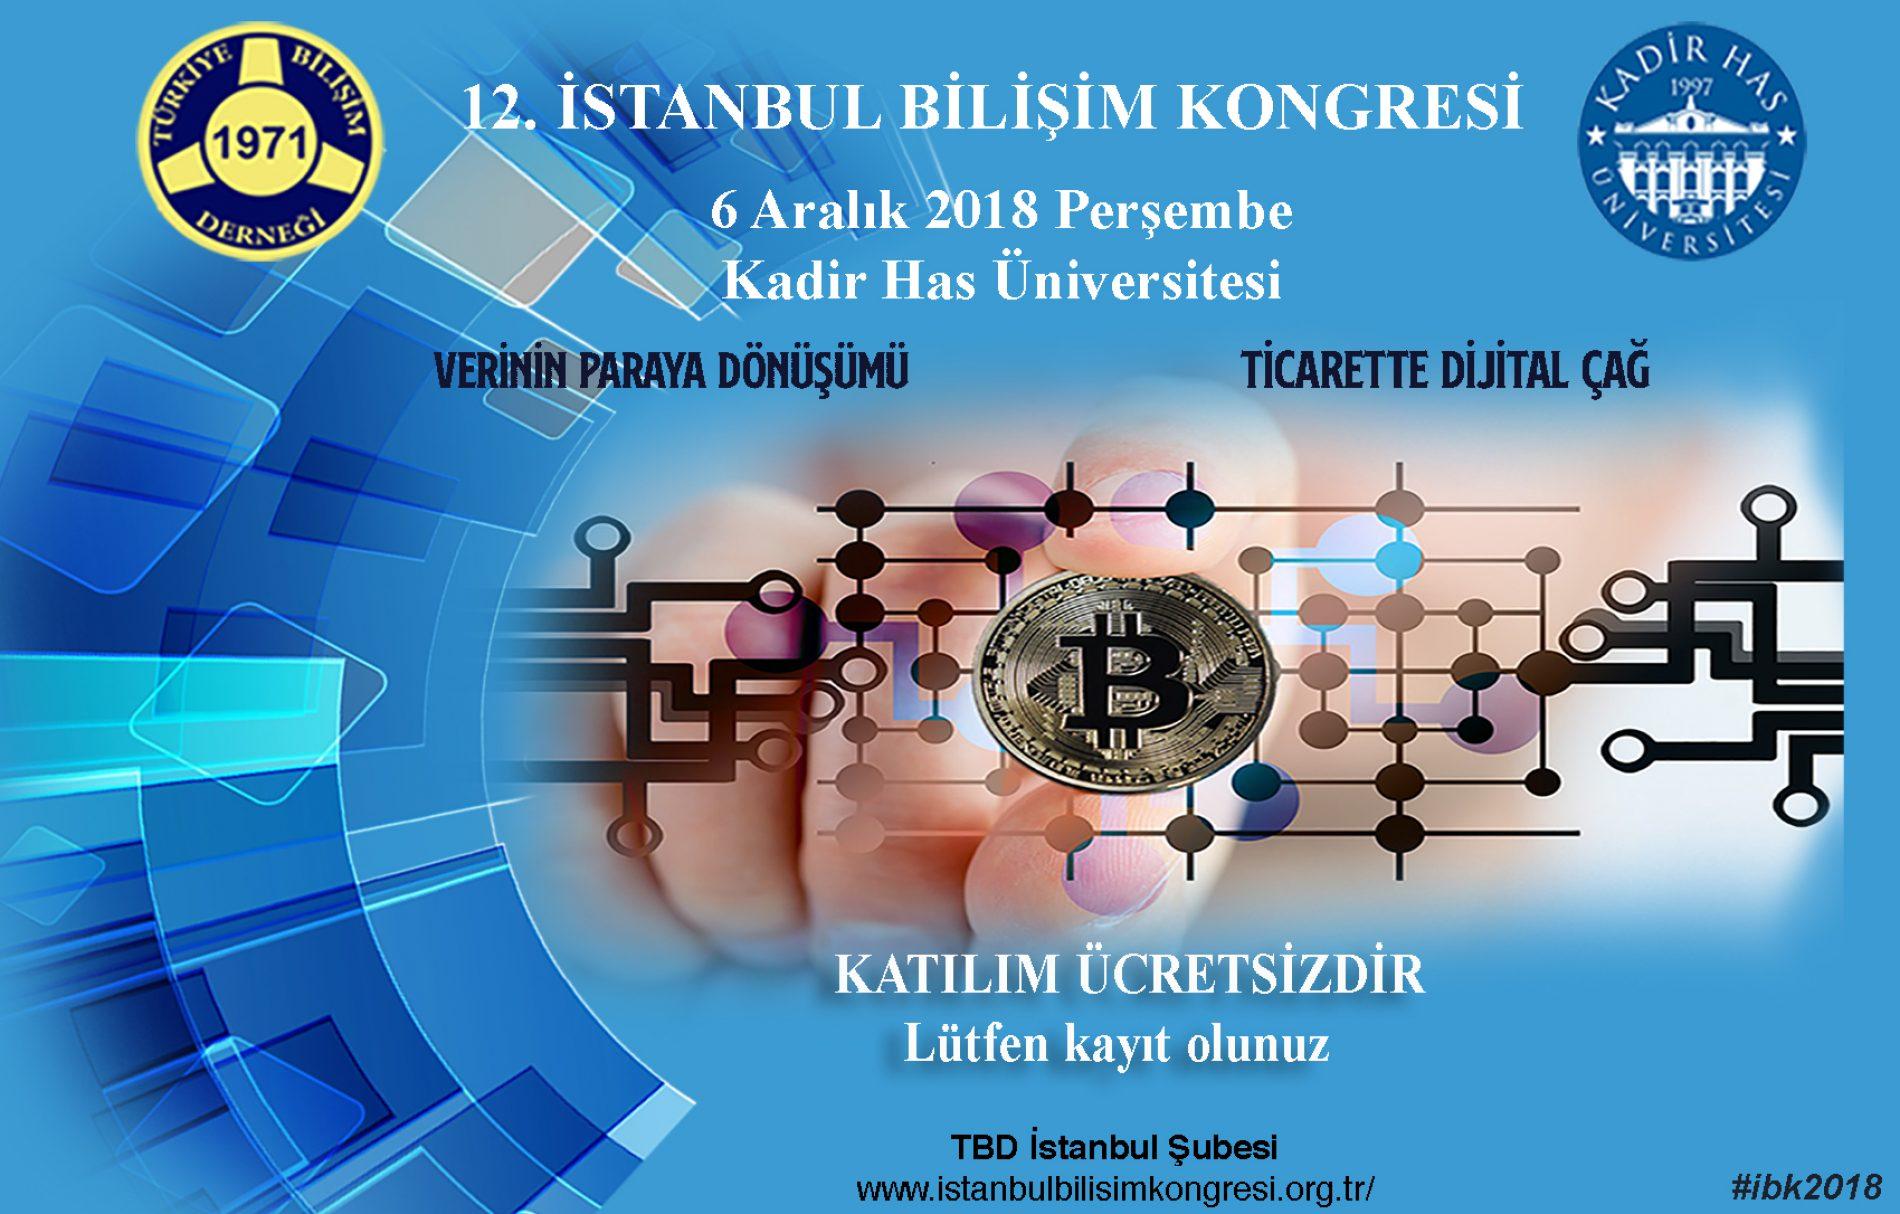 XII.İstanbul Bilişim Kongresi Basın Bülteni